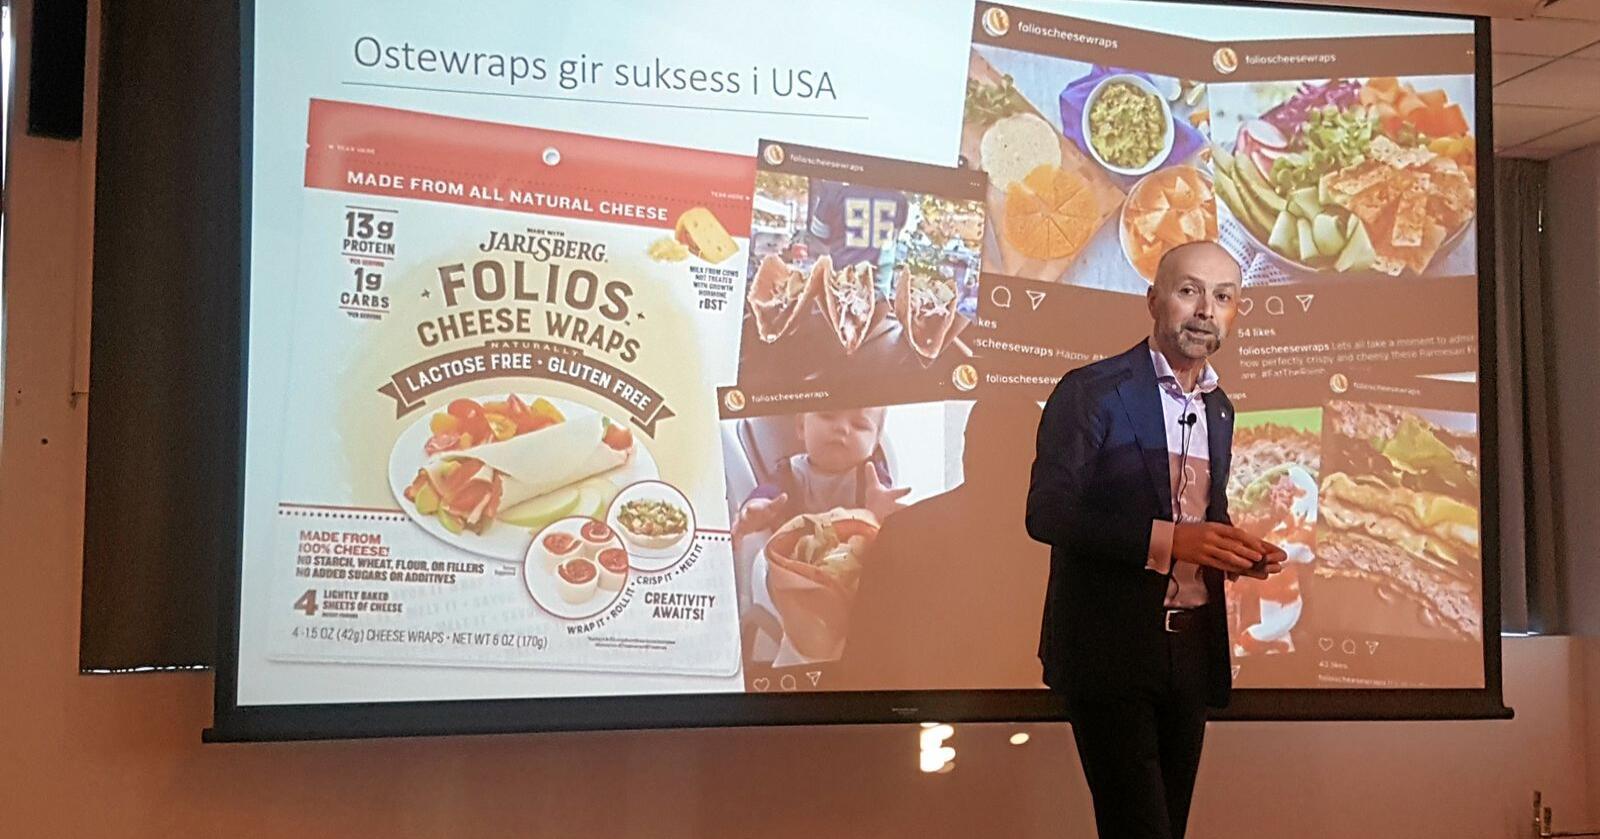 Cheese Wraps med Jarlsberg gjev suksess i USA, ifylgje konsernsjef Gunnar Hovland i Tine. Men Tine tente berre 12 millionar kroner internasjonalt i fjor. Foto: Hilde Lysengen Havro